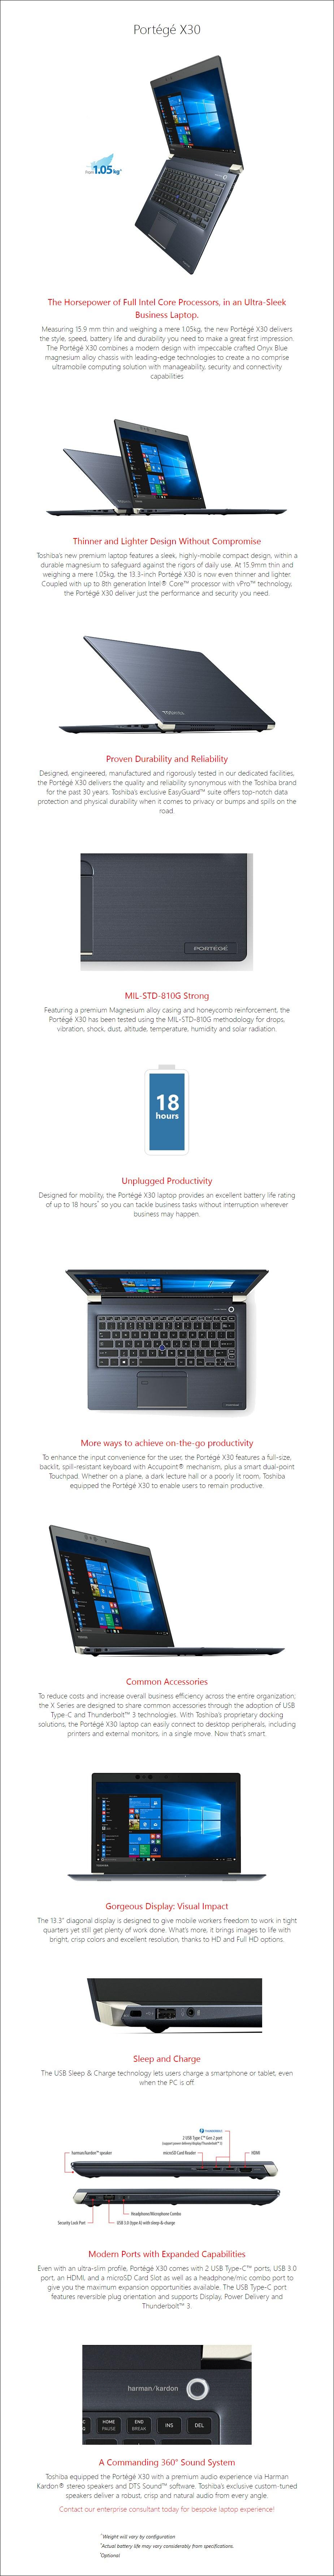 """Toshiba Portege X30-E 13.3"""" Laptop i5-8250U 8GB 256GB W10P 4G Touch - Overview 1"""